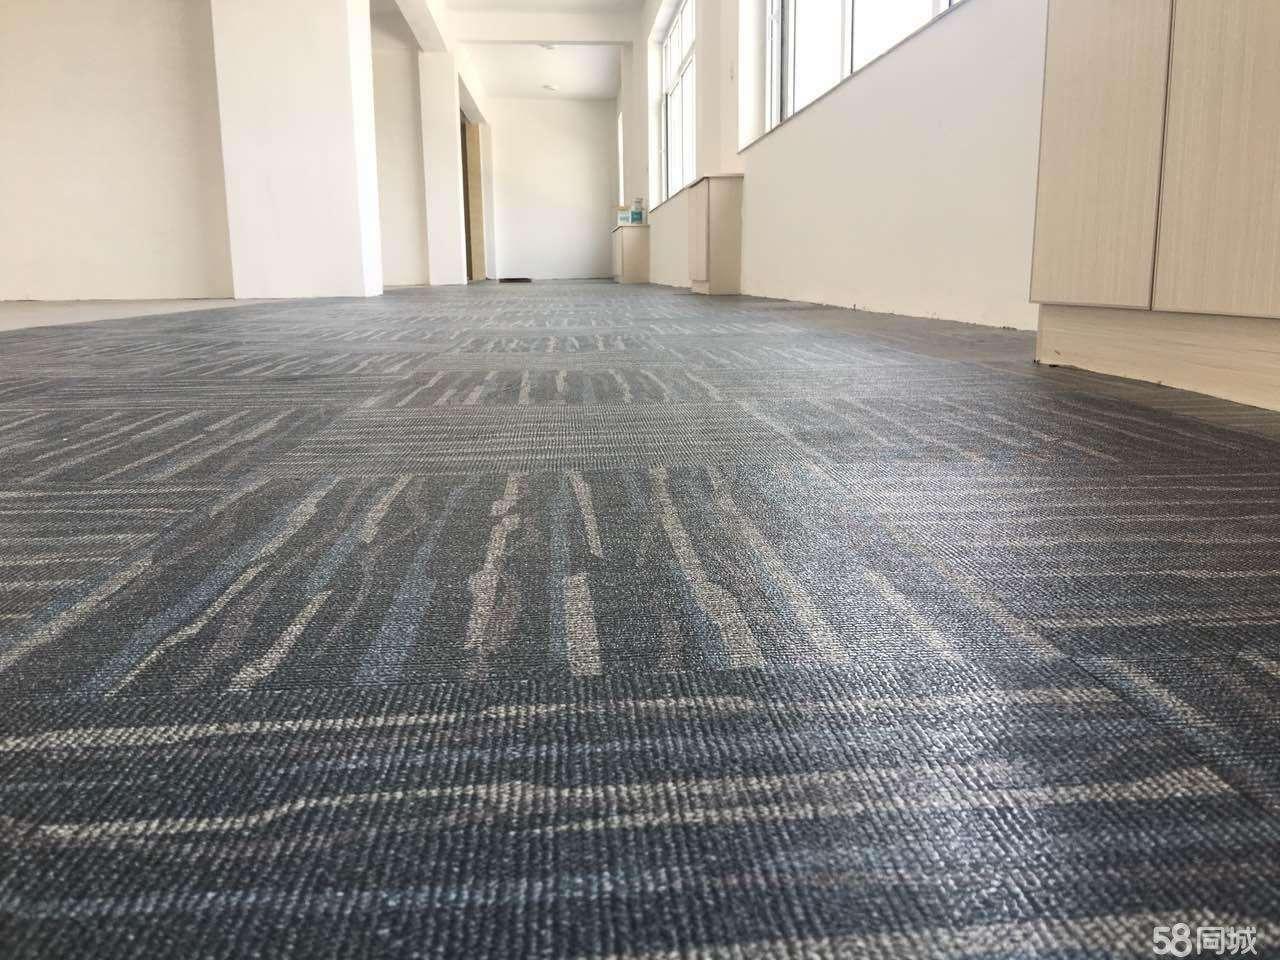 如何对大面积地毯进行清洗